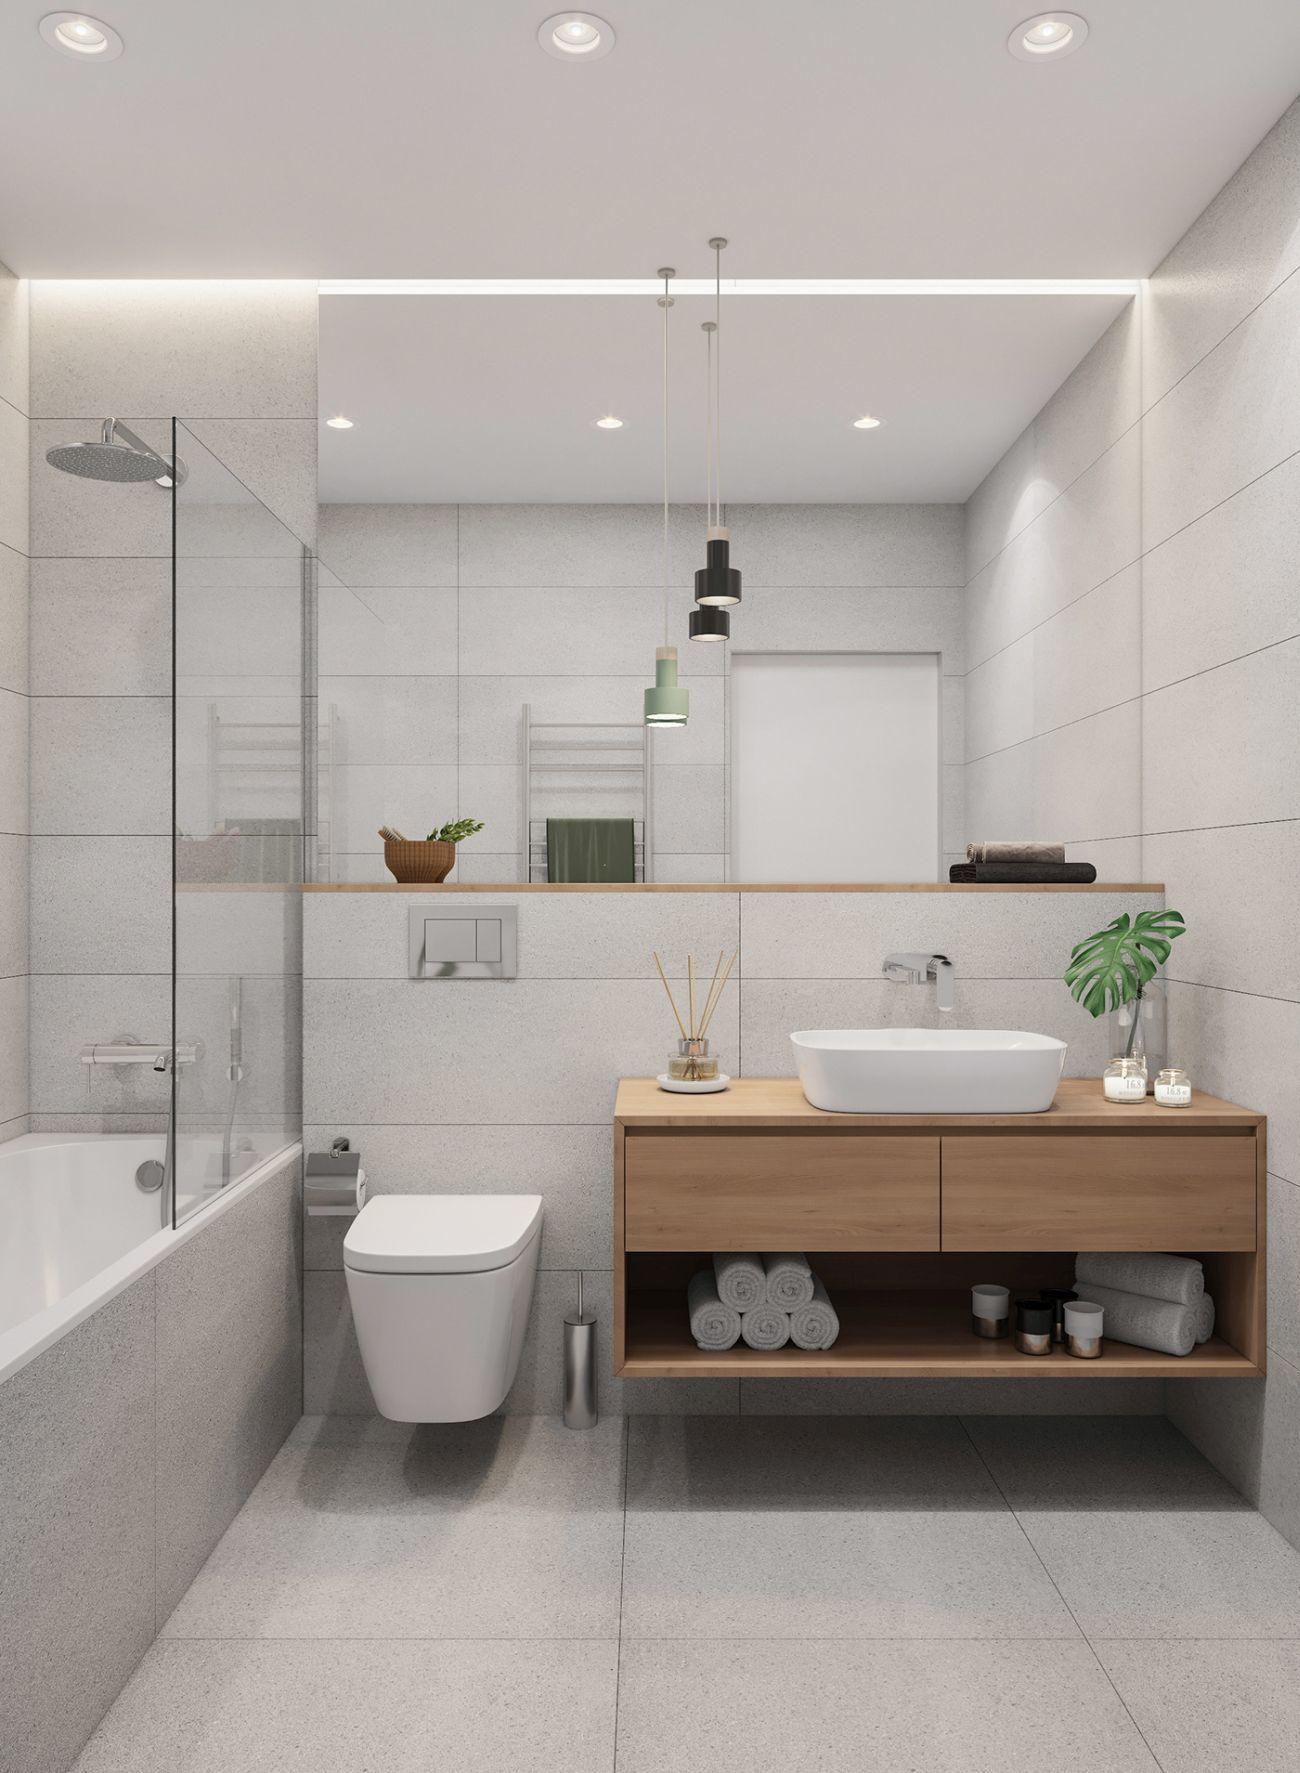 A wc is a fürdőszobában kapott helyet ebben a panellakásban